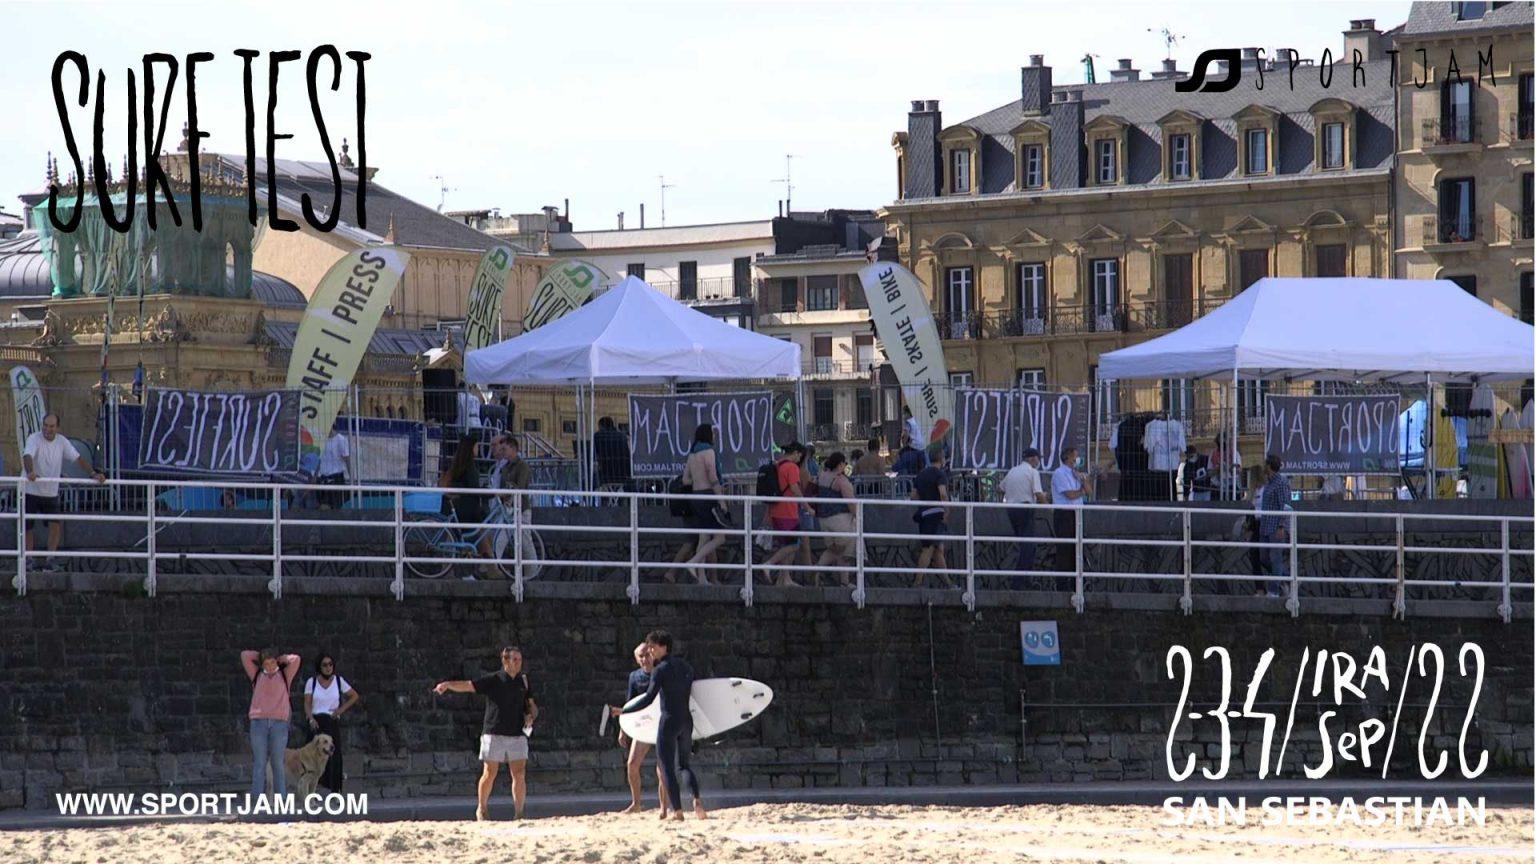 VILLAGE-DESDE-PLAYA-SPORTJAM-SURFTEST-2021